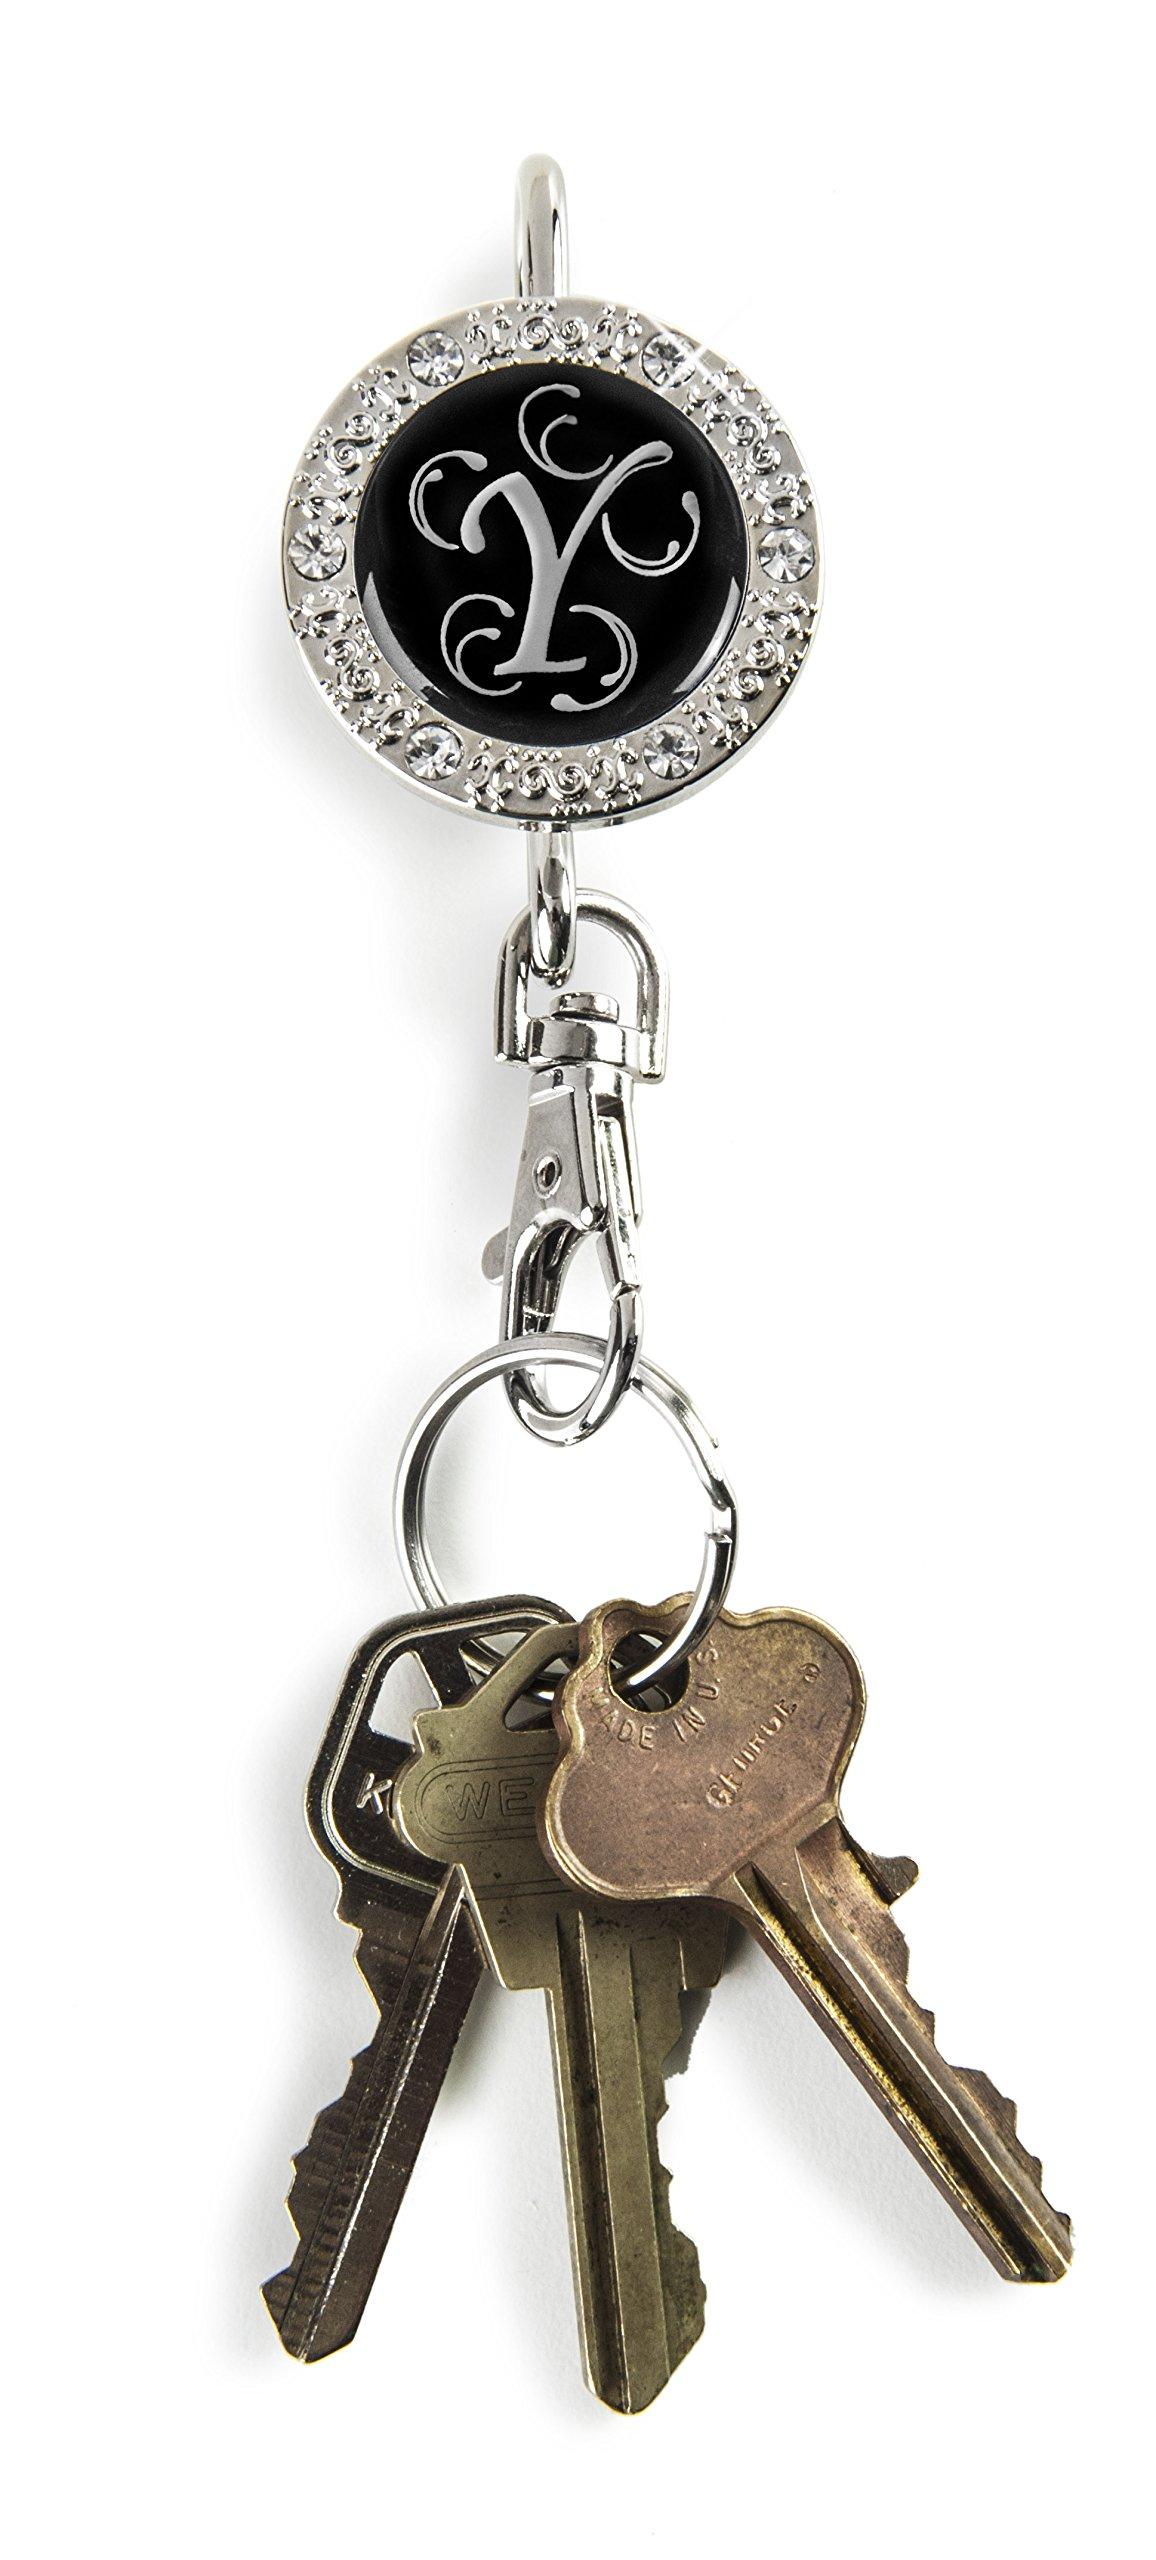 Alexx Finders Key Purse 01B-Mono Y Bling Monogram Y Finders Key Purse, Black